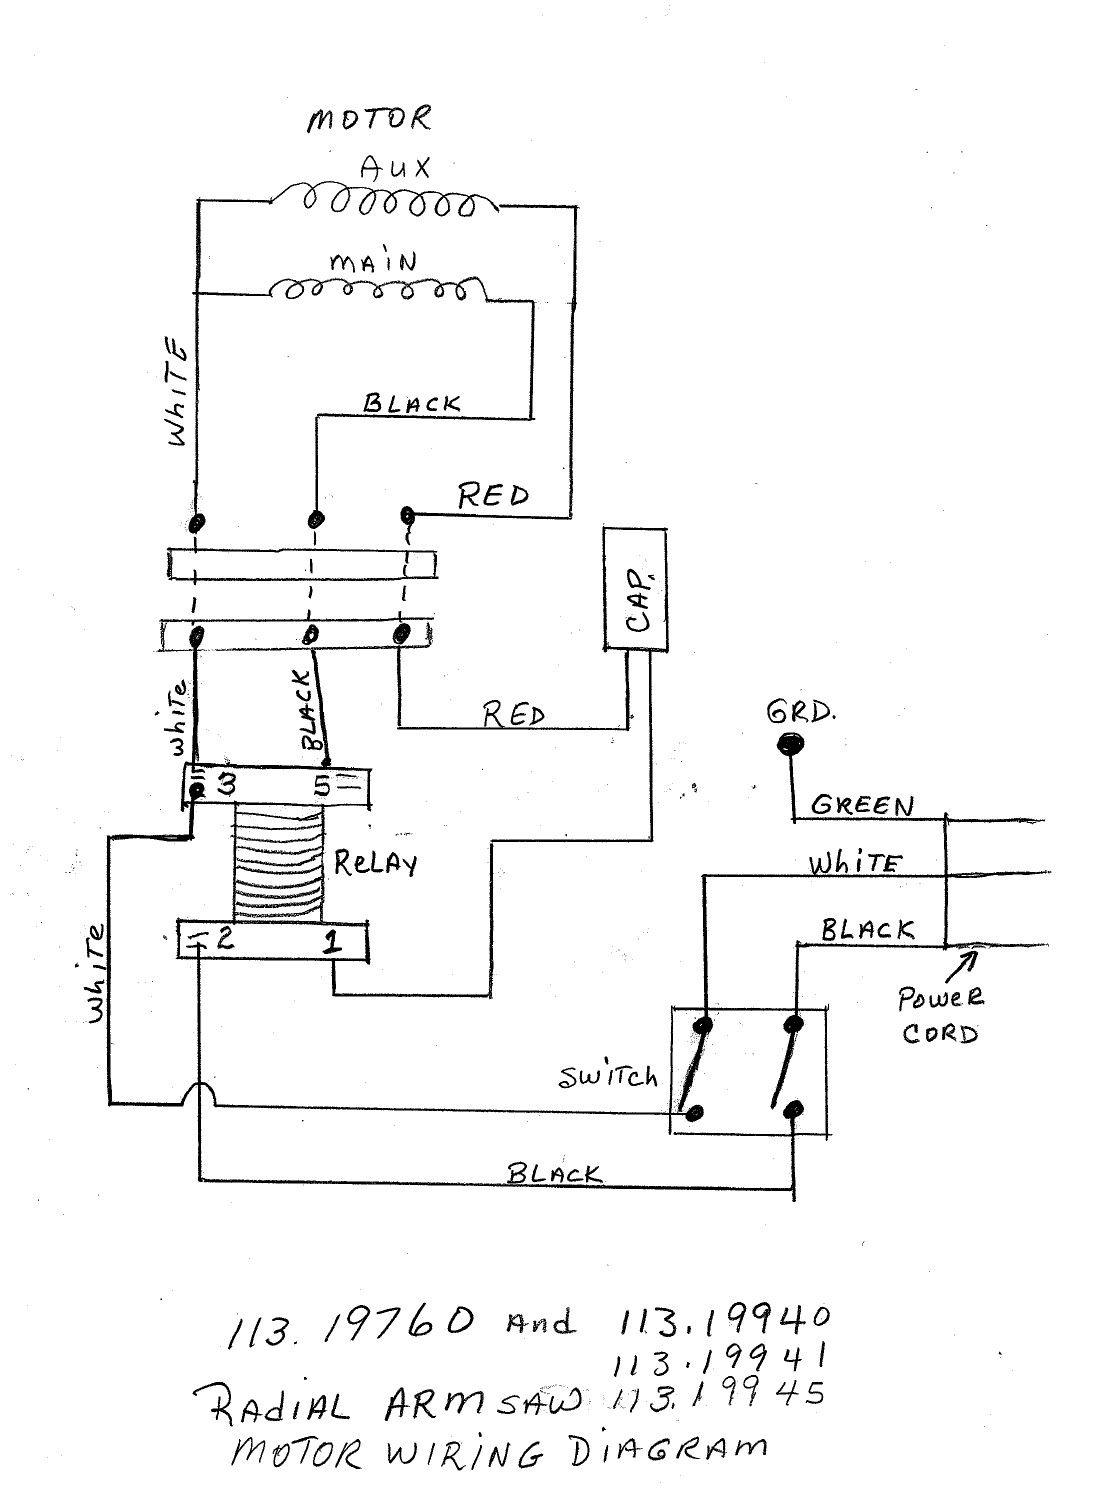 craftsman 917 271141 wiring diagram wiring diagram Kohler 16 HP Wiring Diagram wiring diagram craftsman 917 273761 wiring diagramwiring diagram craftsman 917 273761 all wiring diagramcraftsman table saw